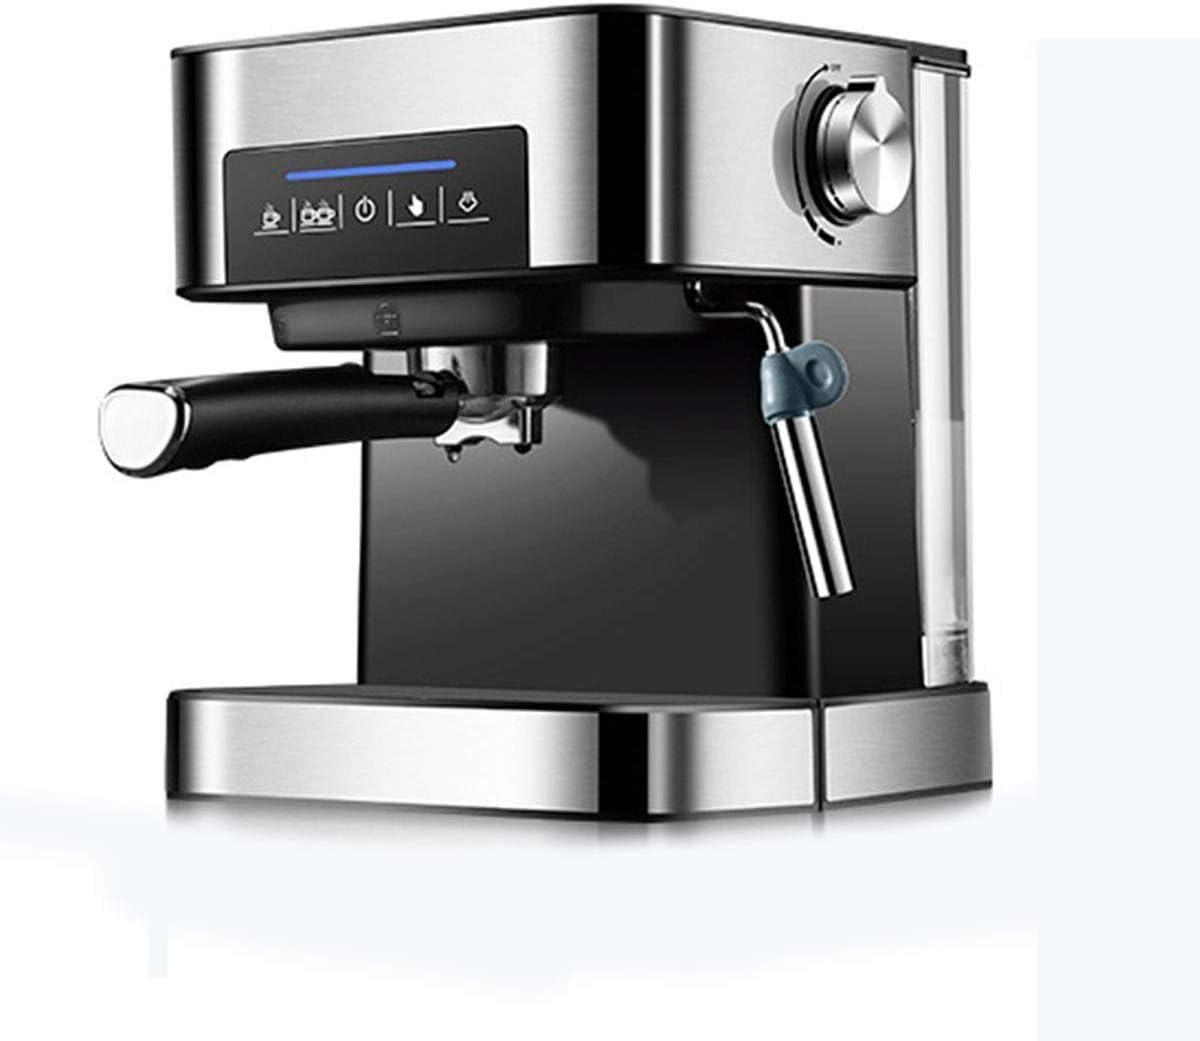 KaiKai Máquina de café, 1350W / y 20 Bares / 1.6L Italiana Cafetera, eléctrico semiautomático Cafetera Alta presión, Hogares Tire Flor de Vapor Leche vaporizador